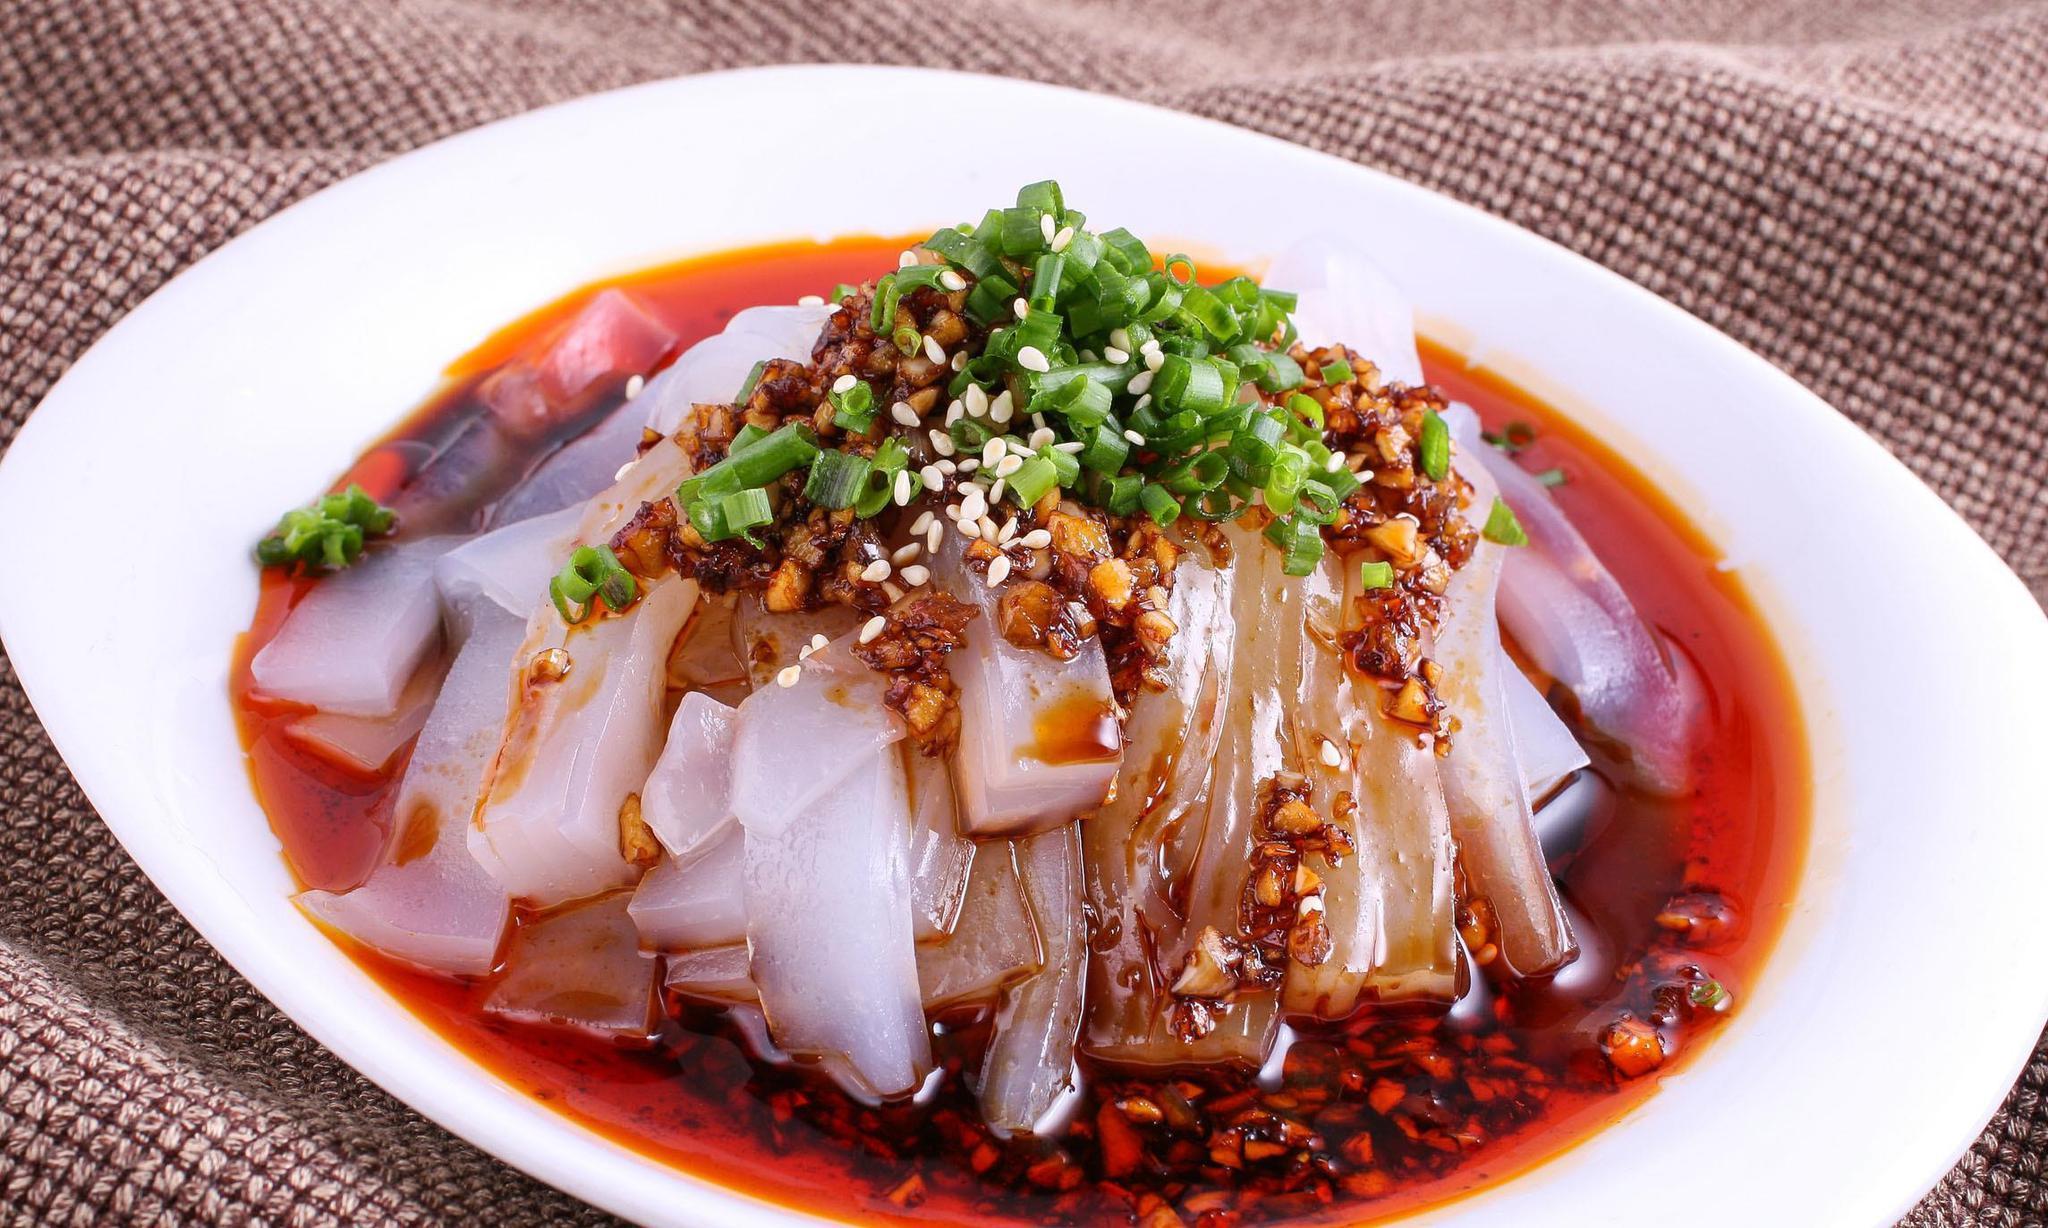 陕西有名小吃:米皮口味软糯麻辣,口感爽滑,又劲道深受大家喜爱